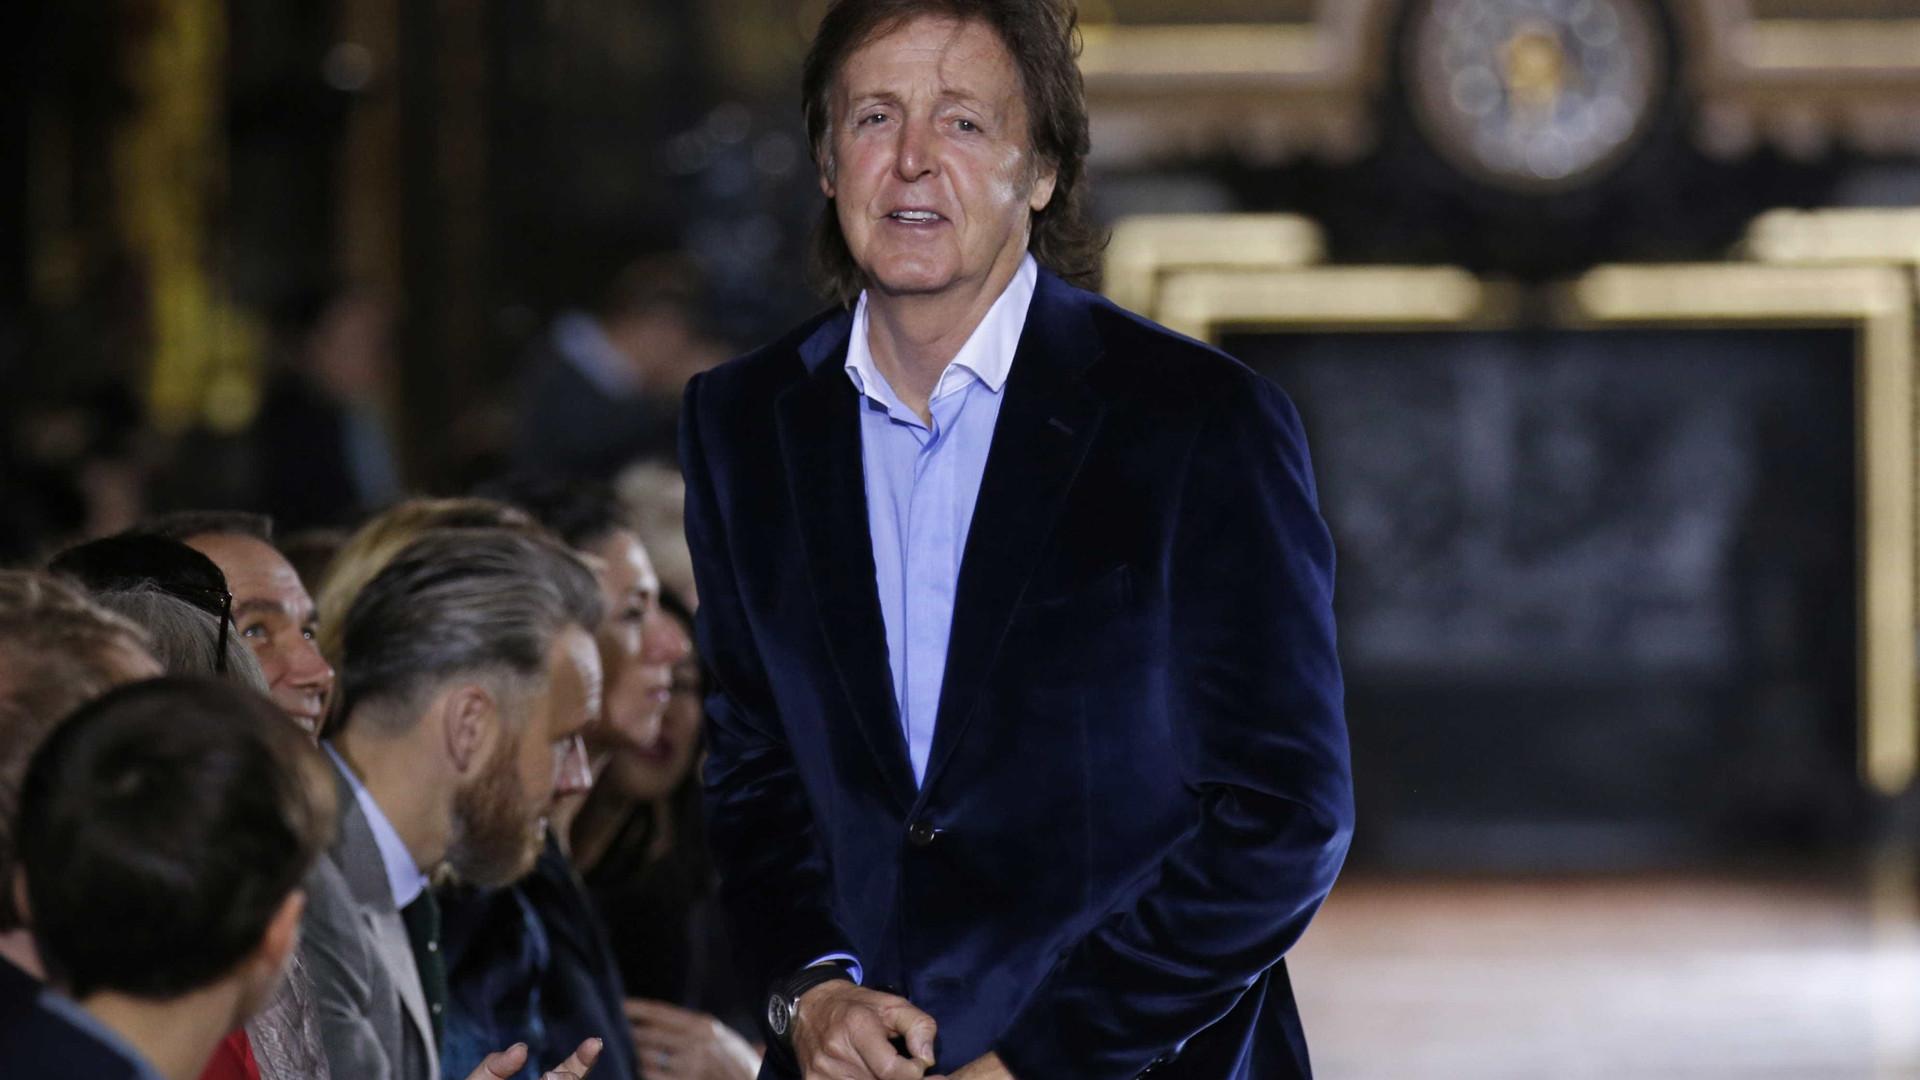 Paul McCartney surpreende fãs com show em estação de trem em Nova York